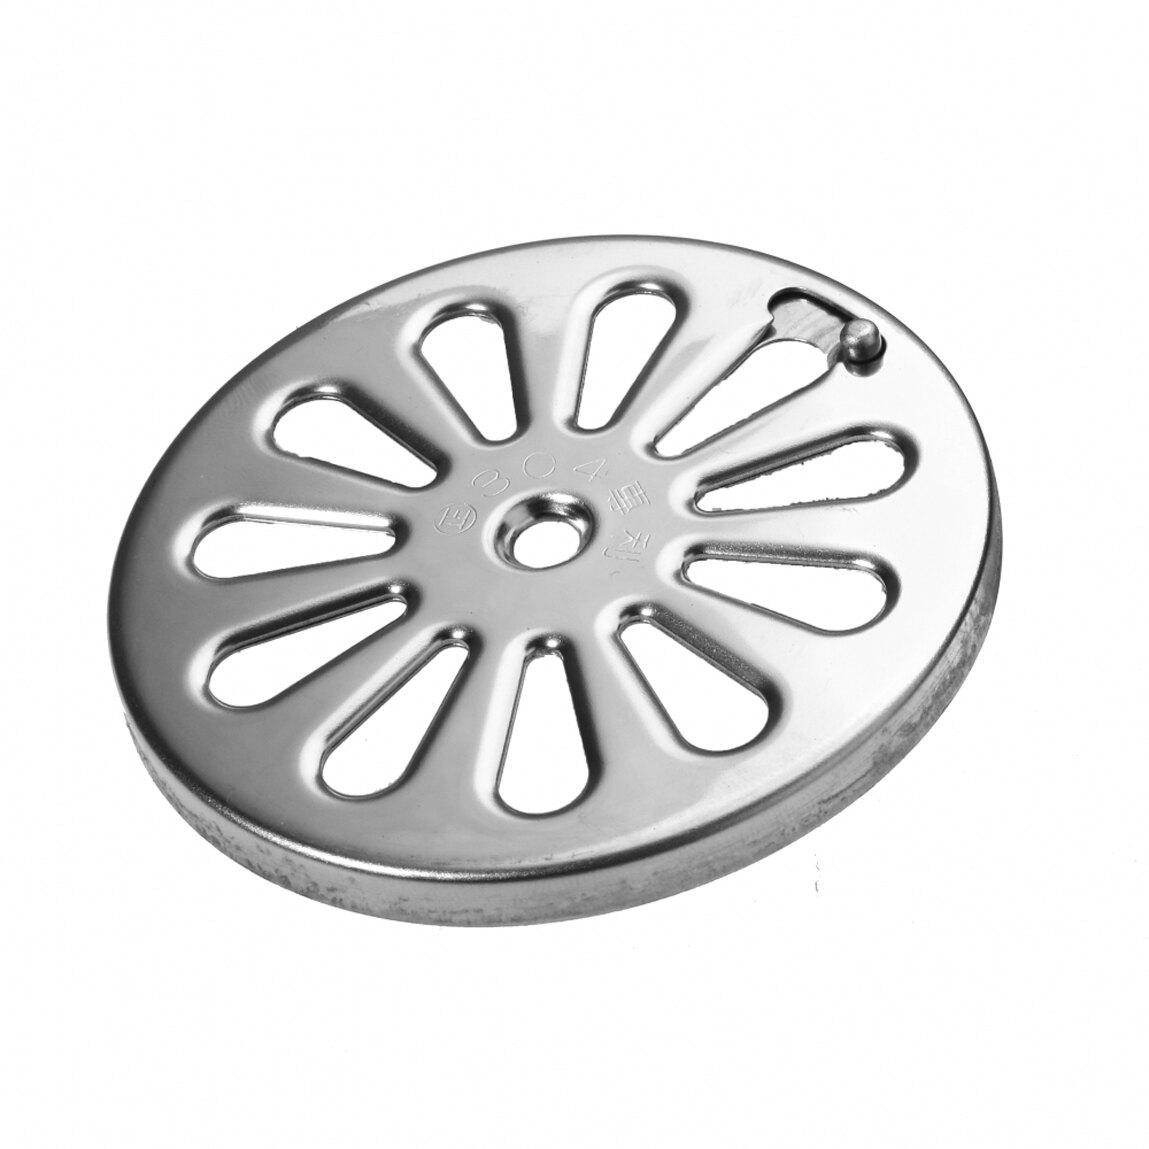 落水不鏽鋼(ST)/白鐵可調地板內圈(排水孔蓋)